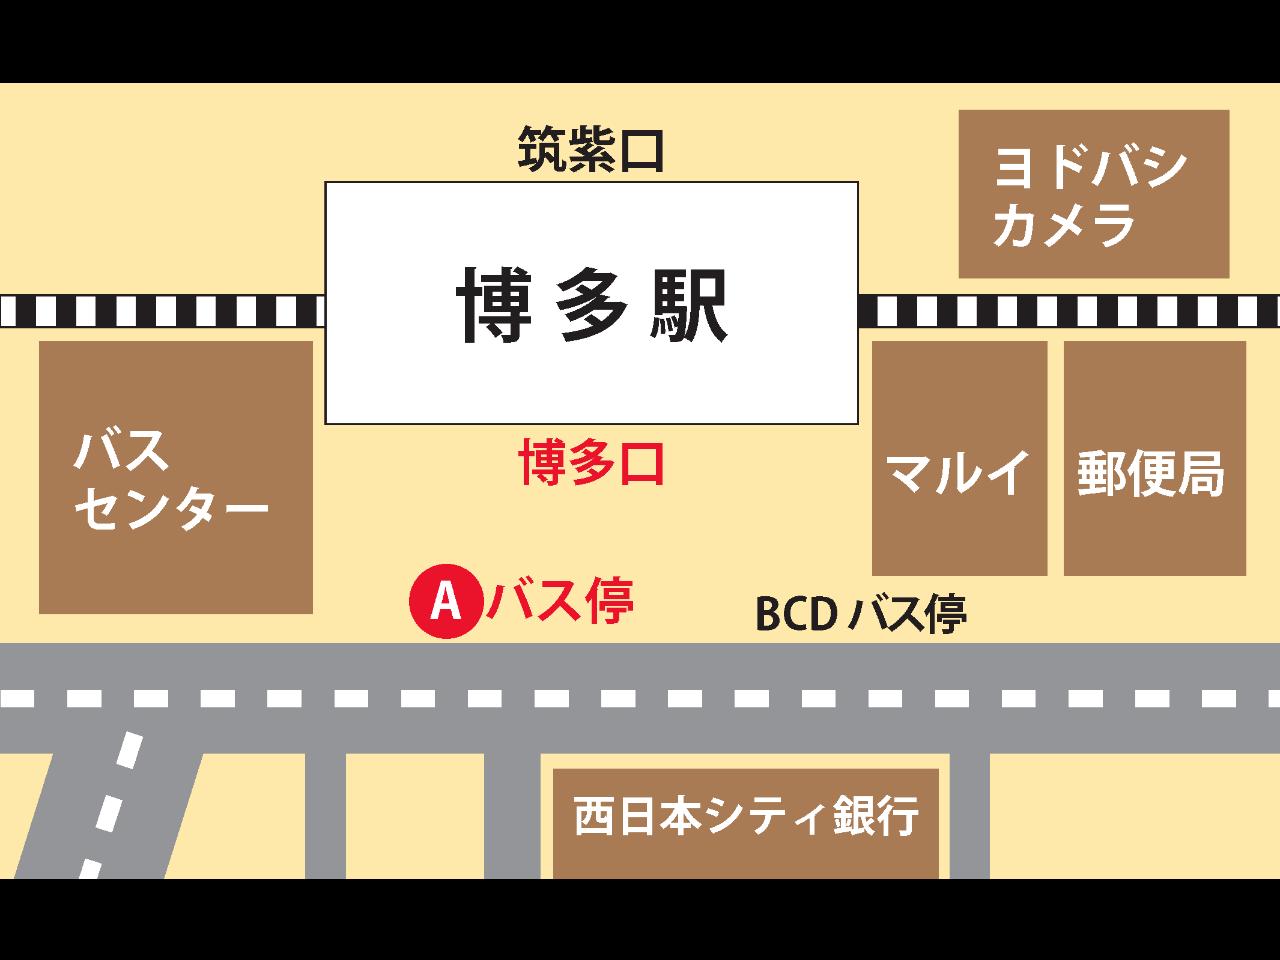 JR博多駅からのアクセス